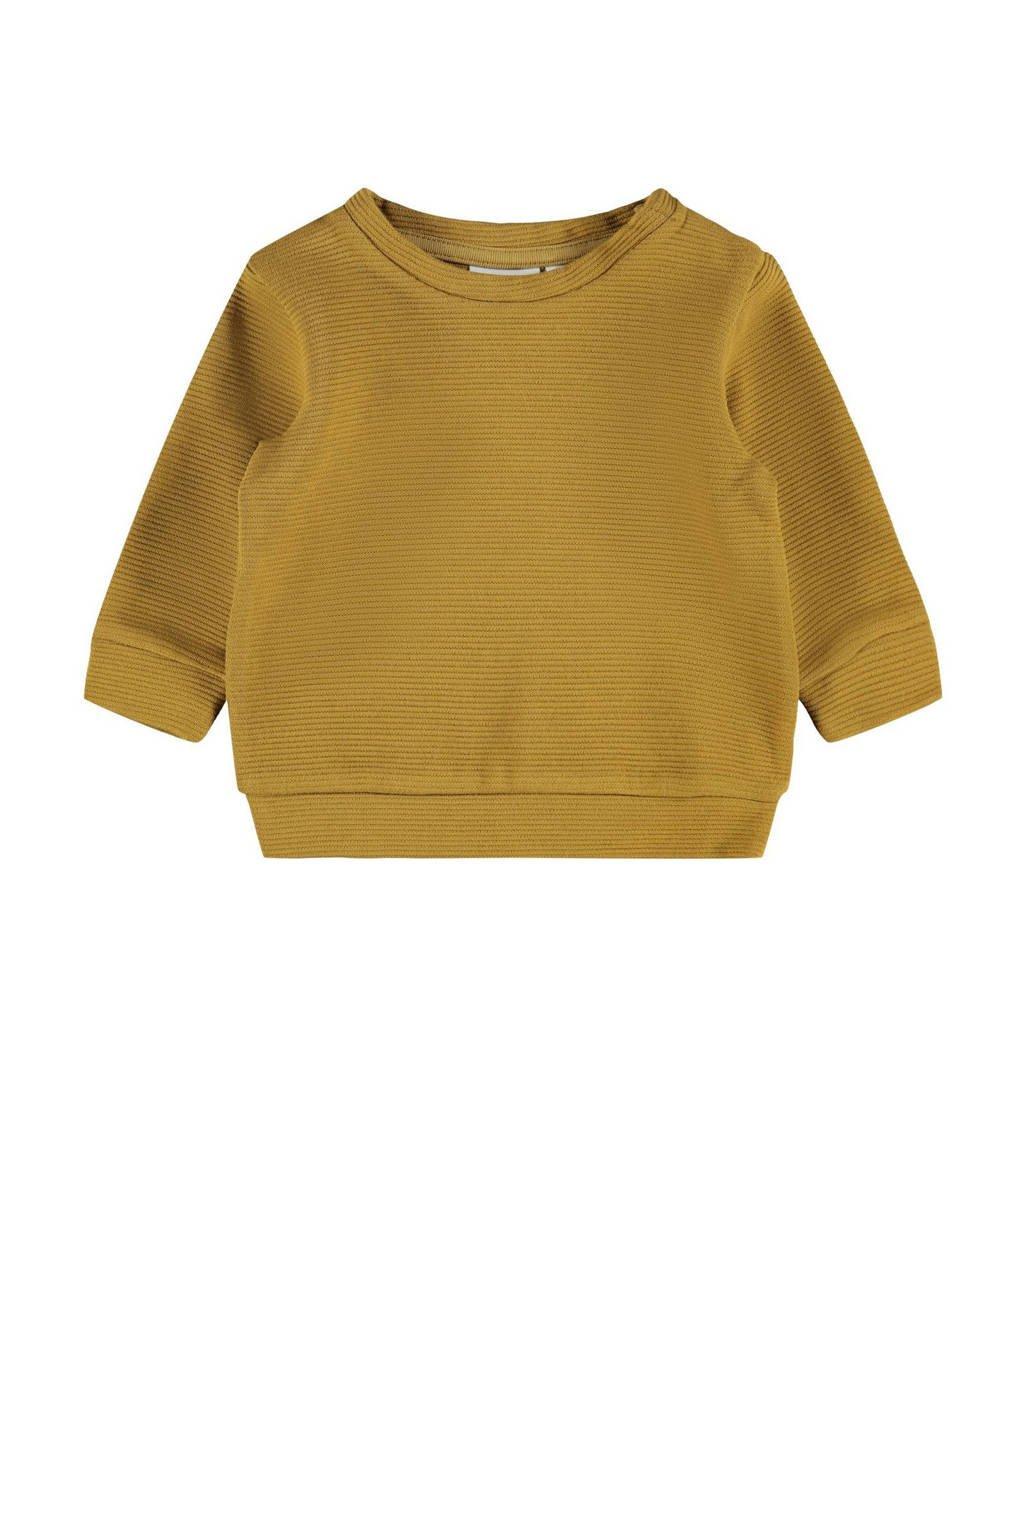 NAME IT BABY baby sweater NBMNORMAN okergeel, Okergeel